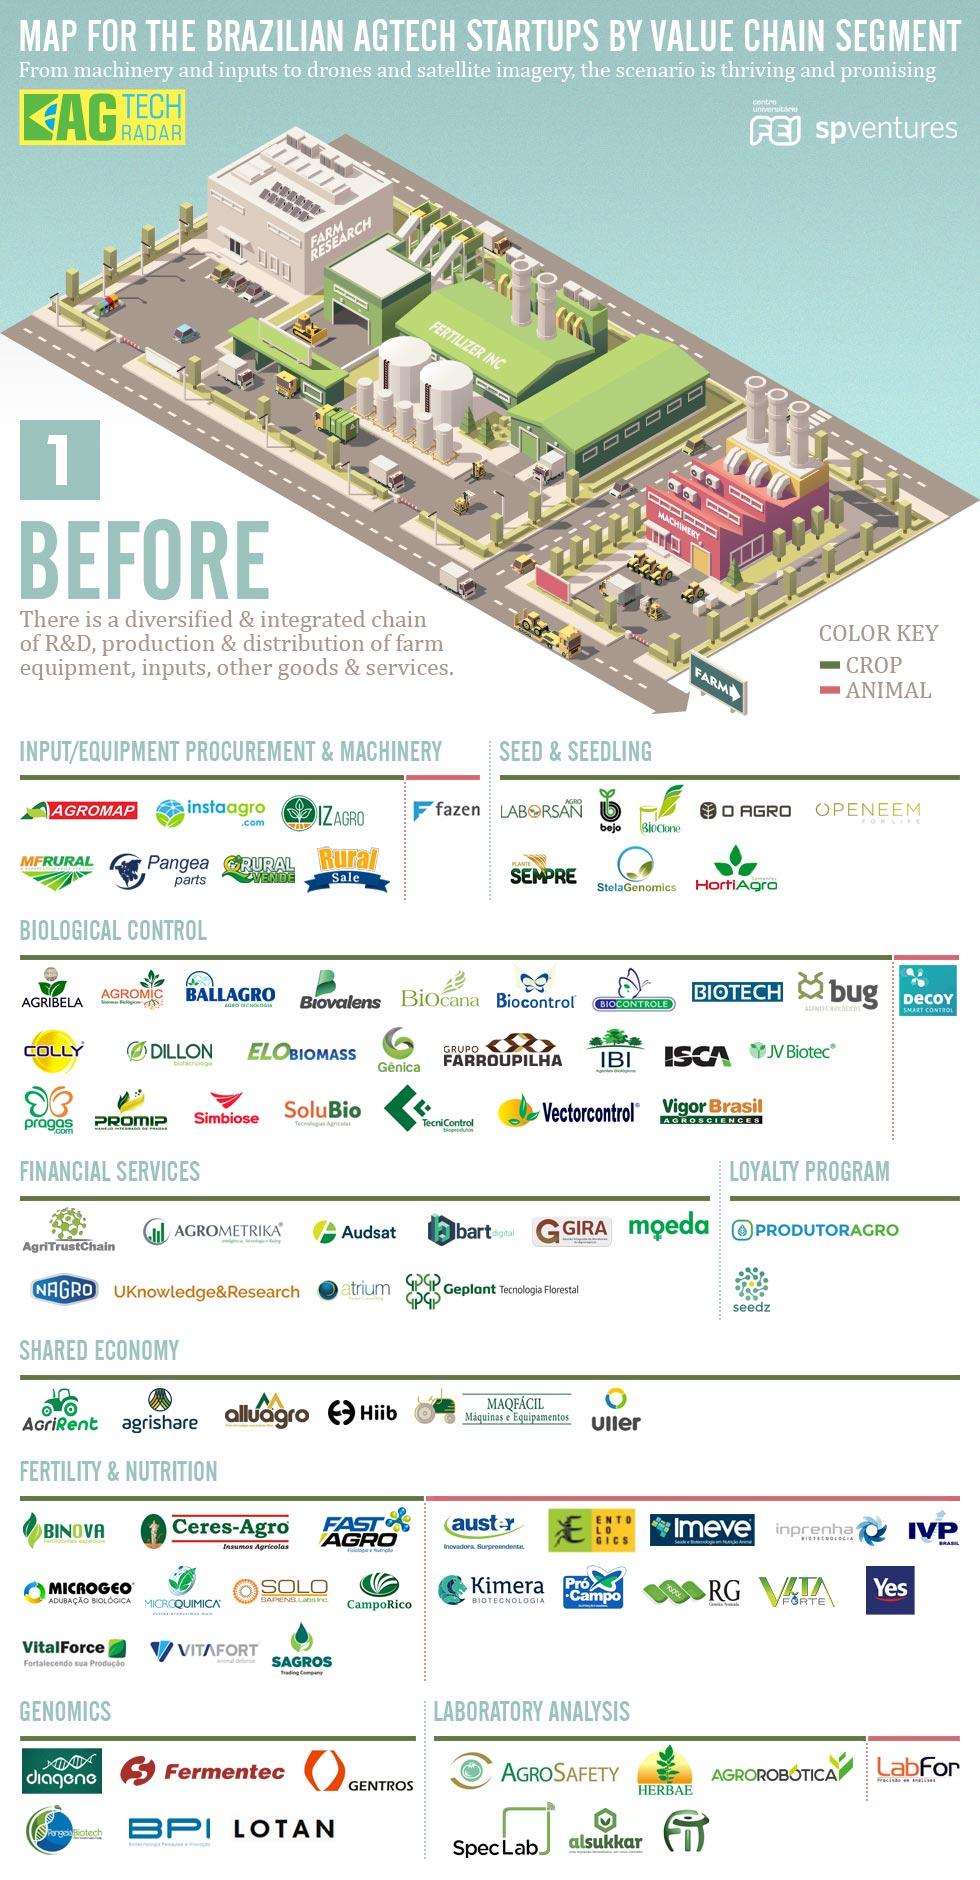 brazil agtech market map